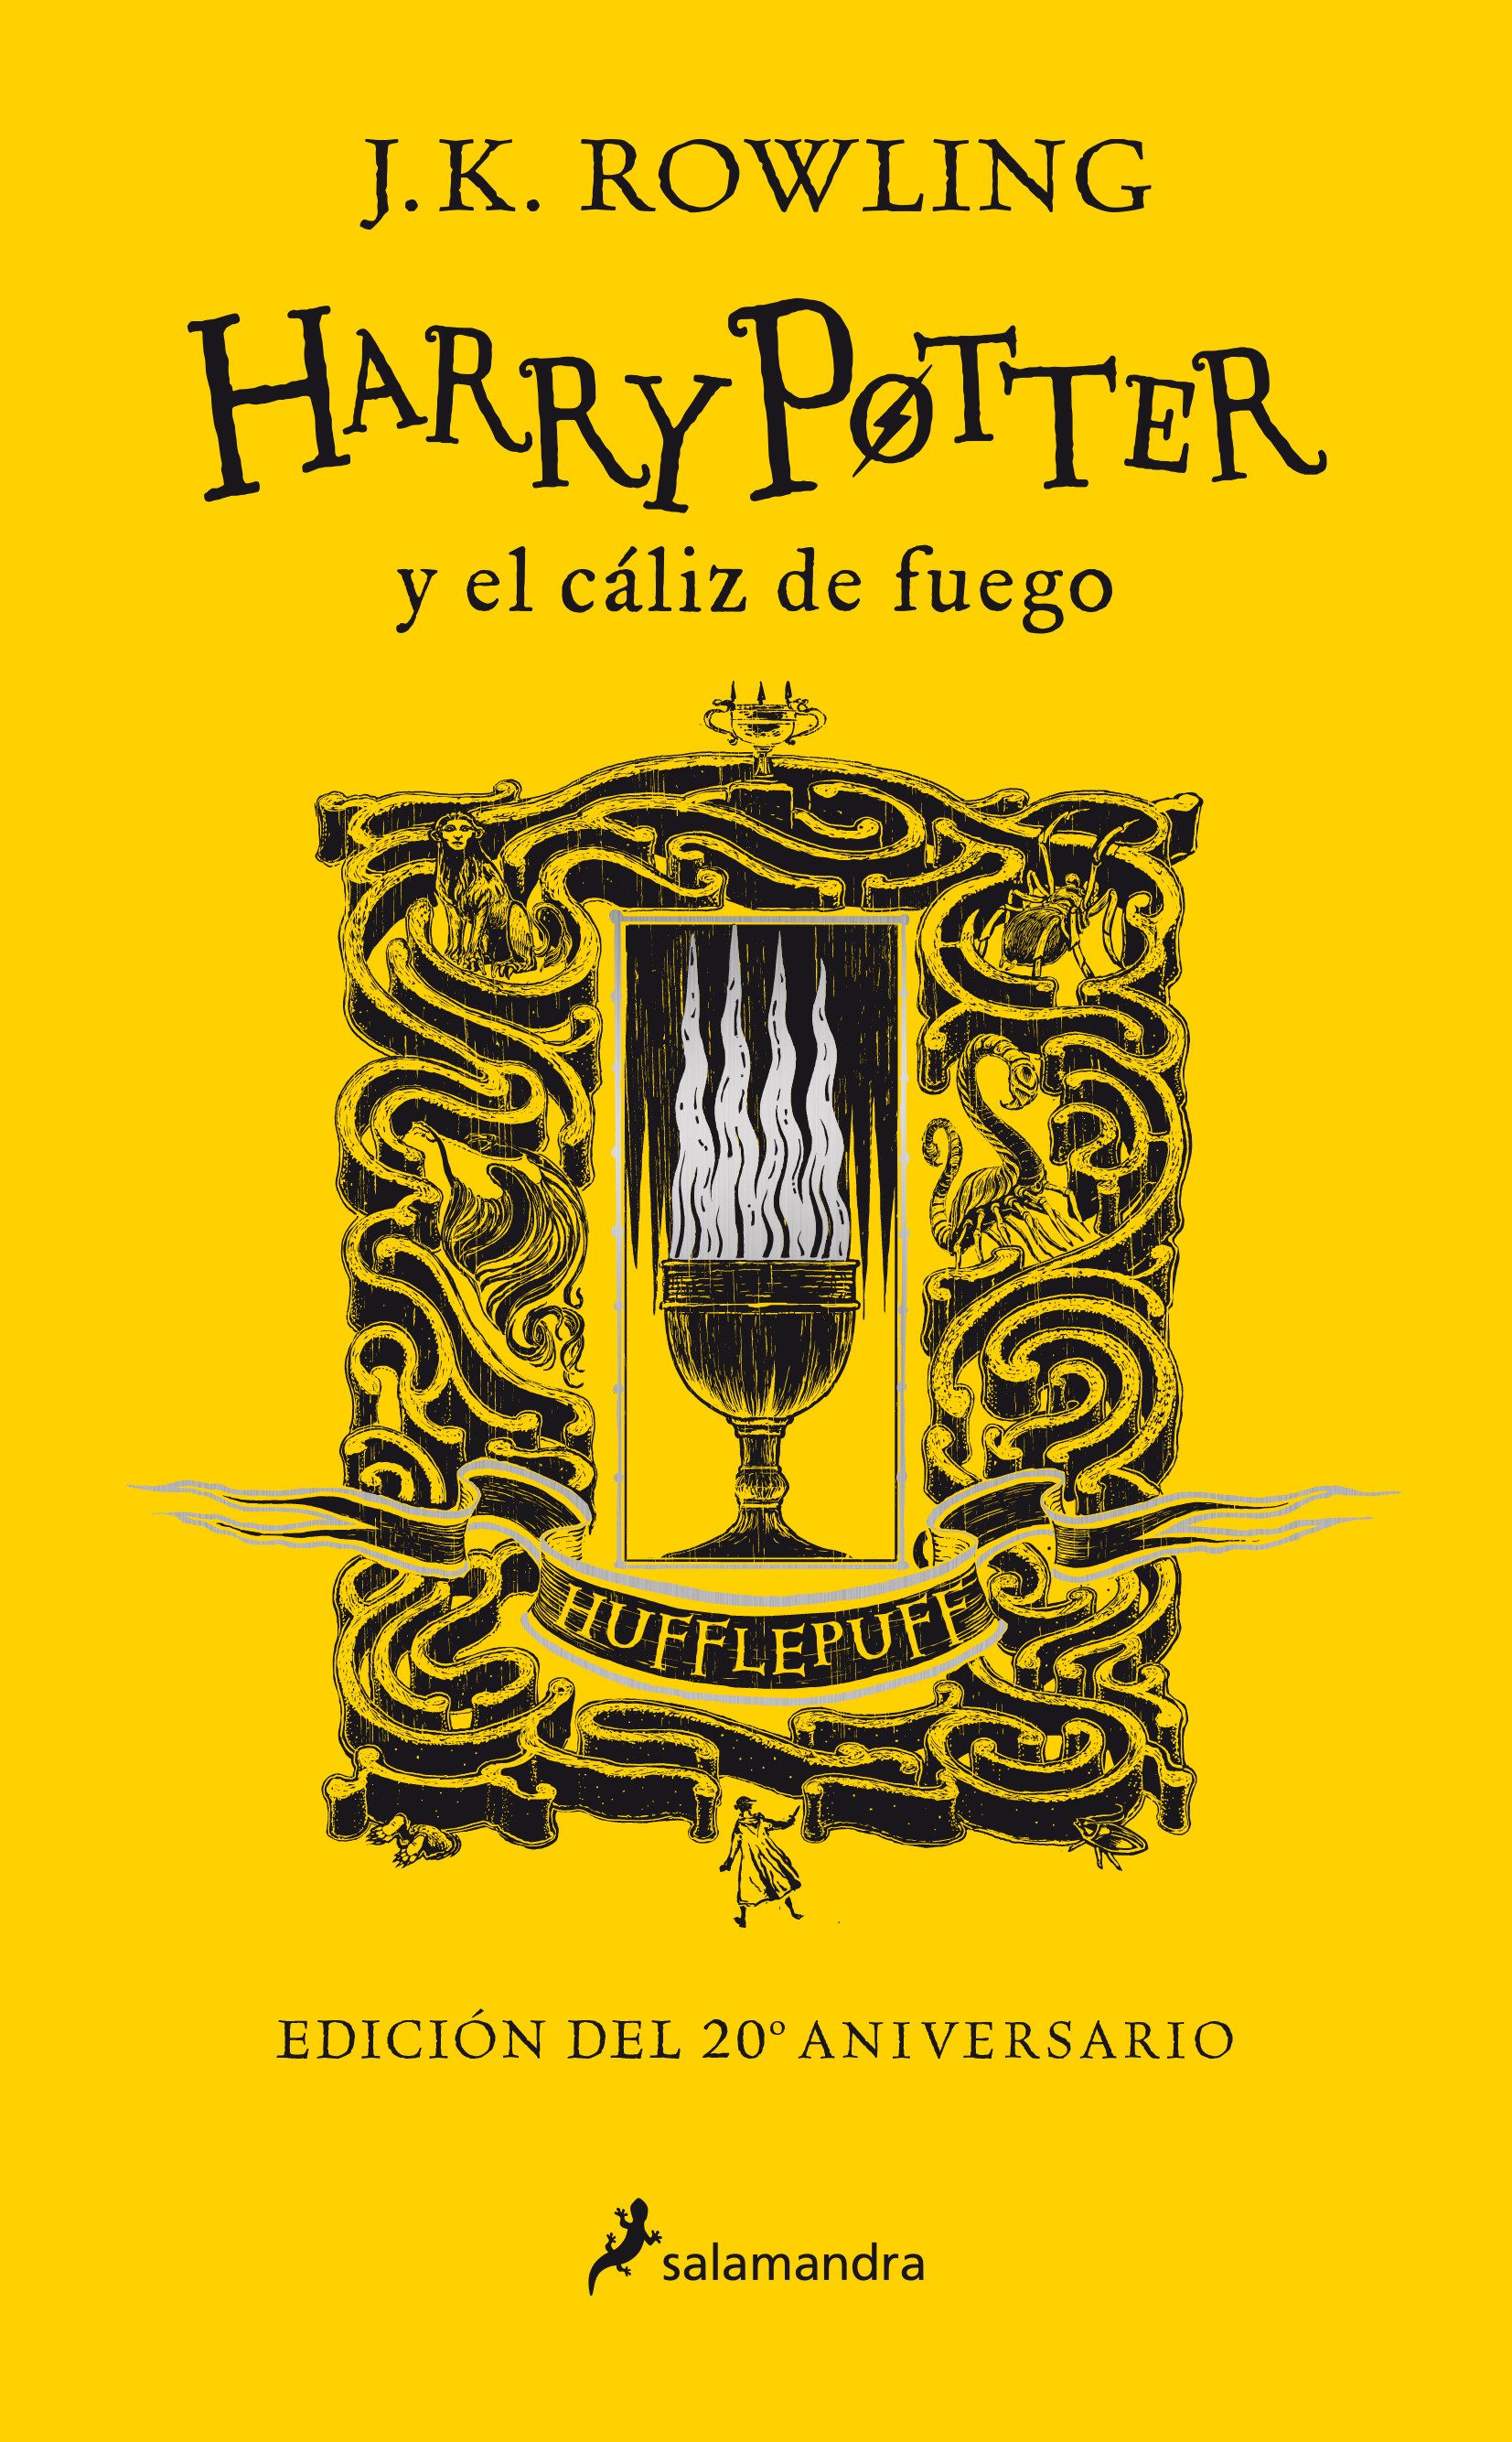 Harry Potter y el cáliz de fuego (edición Hufflepuff del 20º aniversario) (Harry Potter 4)